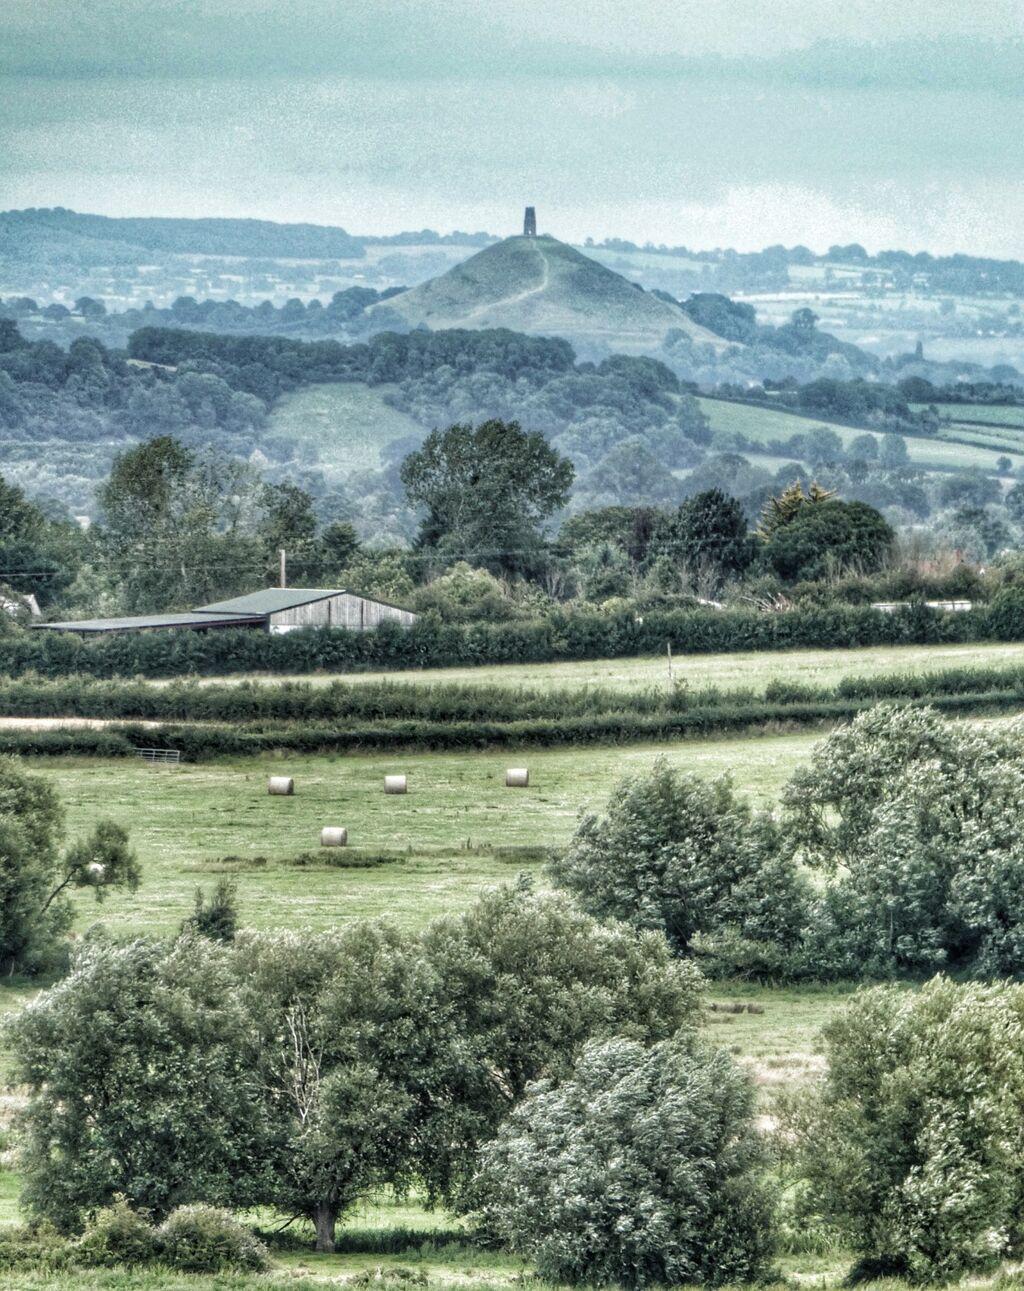 Glastonbury Tor from Burrow Mump